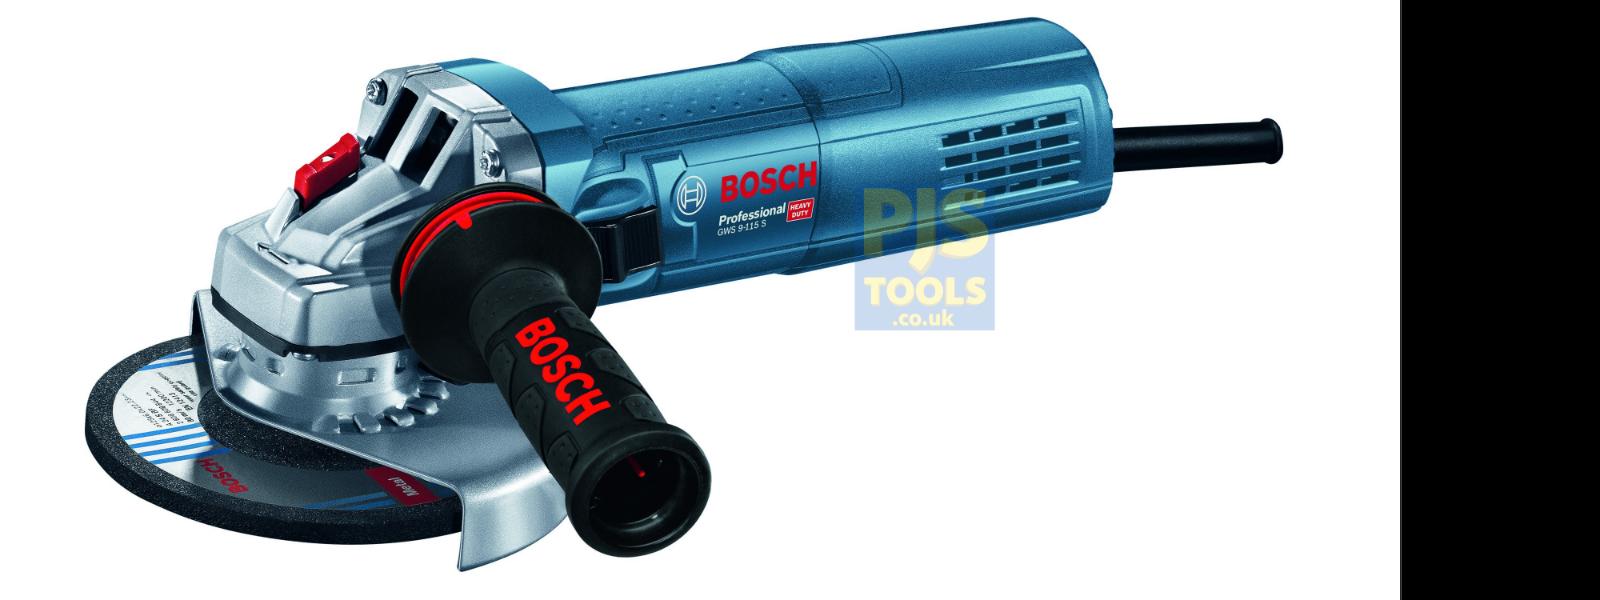 Bosch GWS9-115S 240v 115mm 4.1 2in De 900w Amoladora de Ángulo opción de 3 Año De 2in Garantía 357d81